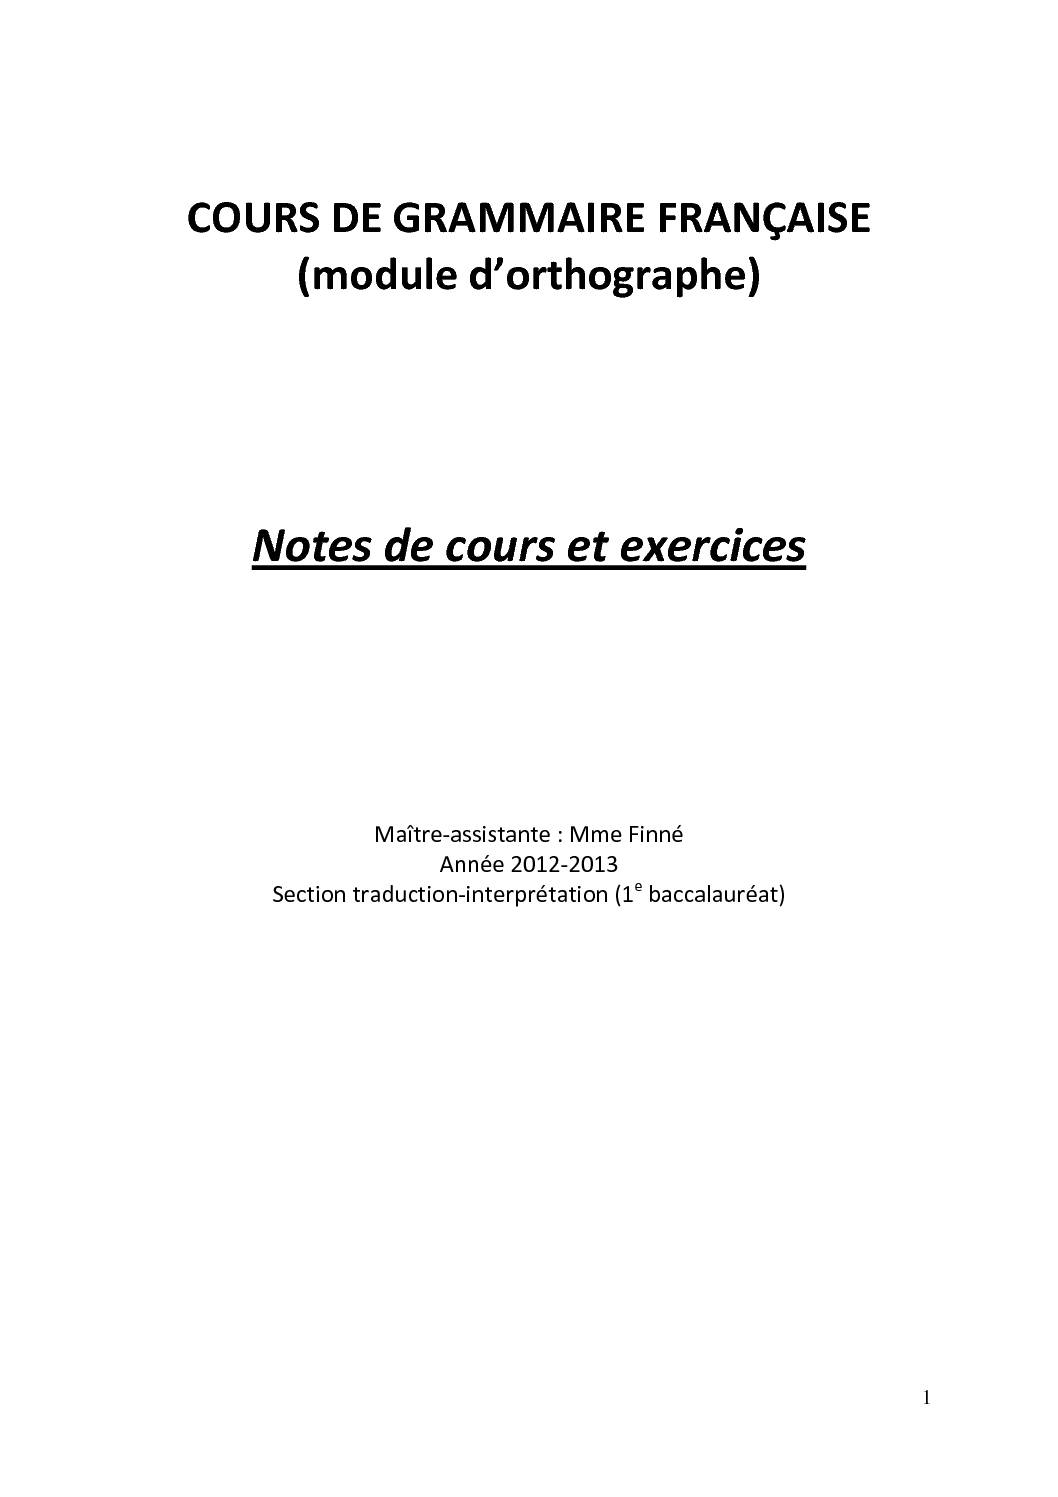 Grammaire française Notes de cours et exercices